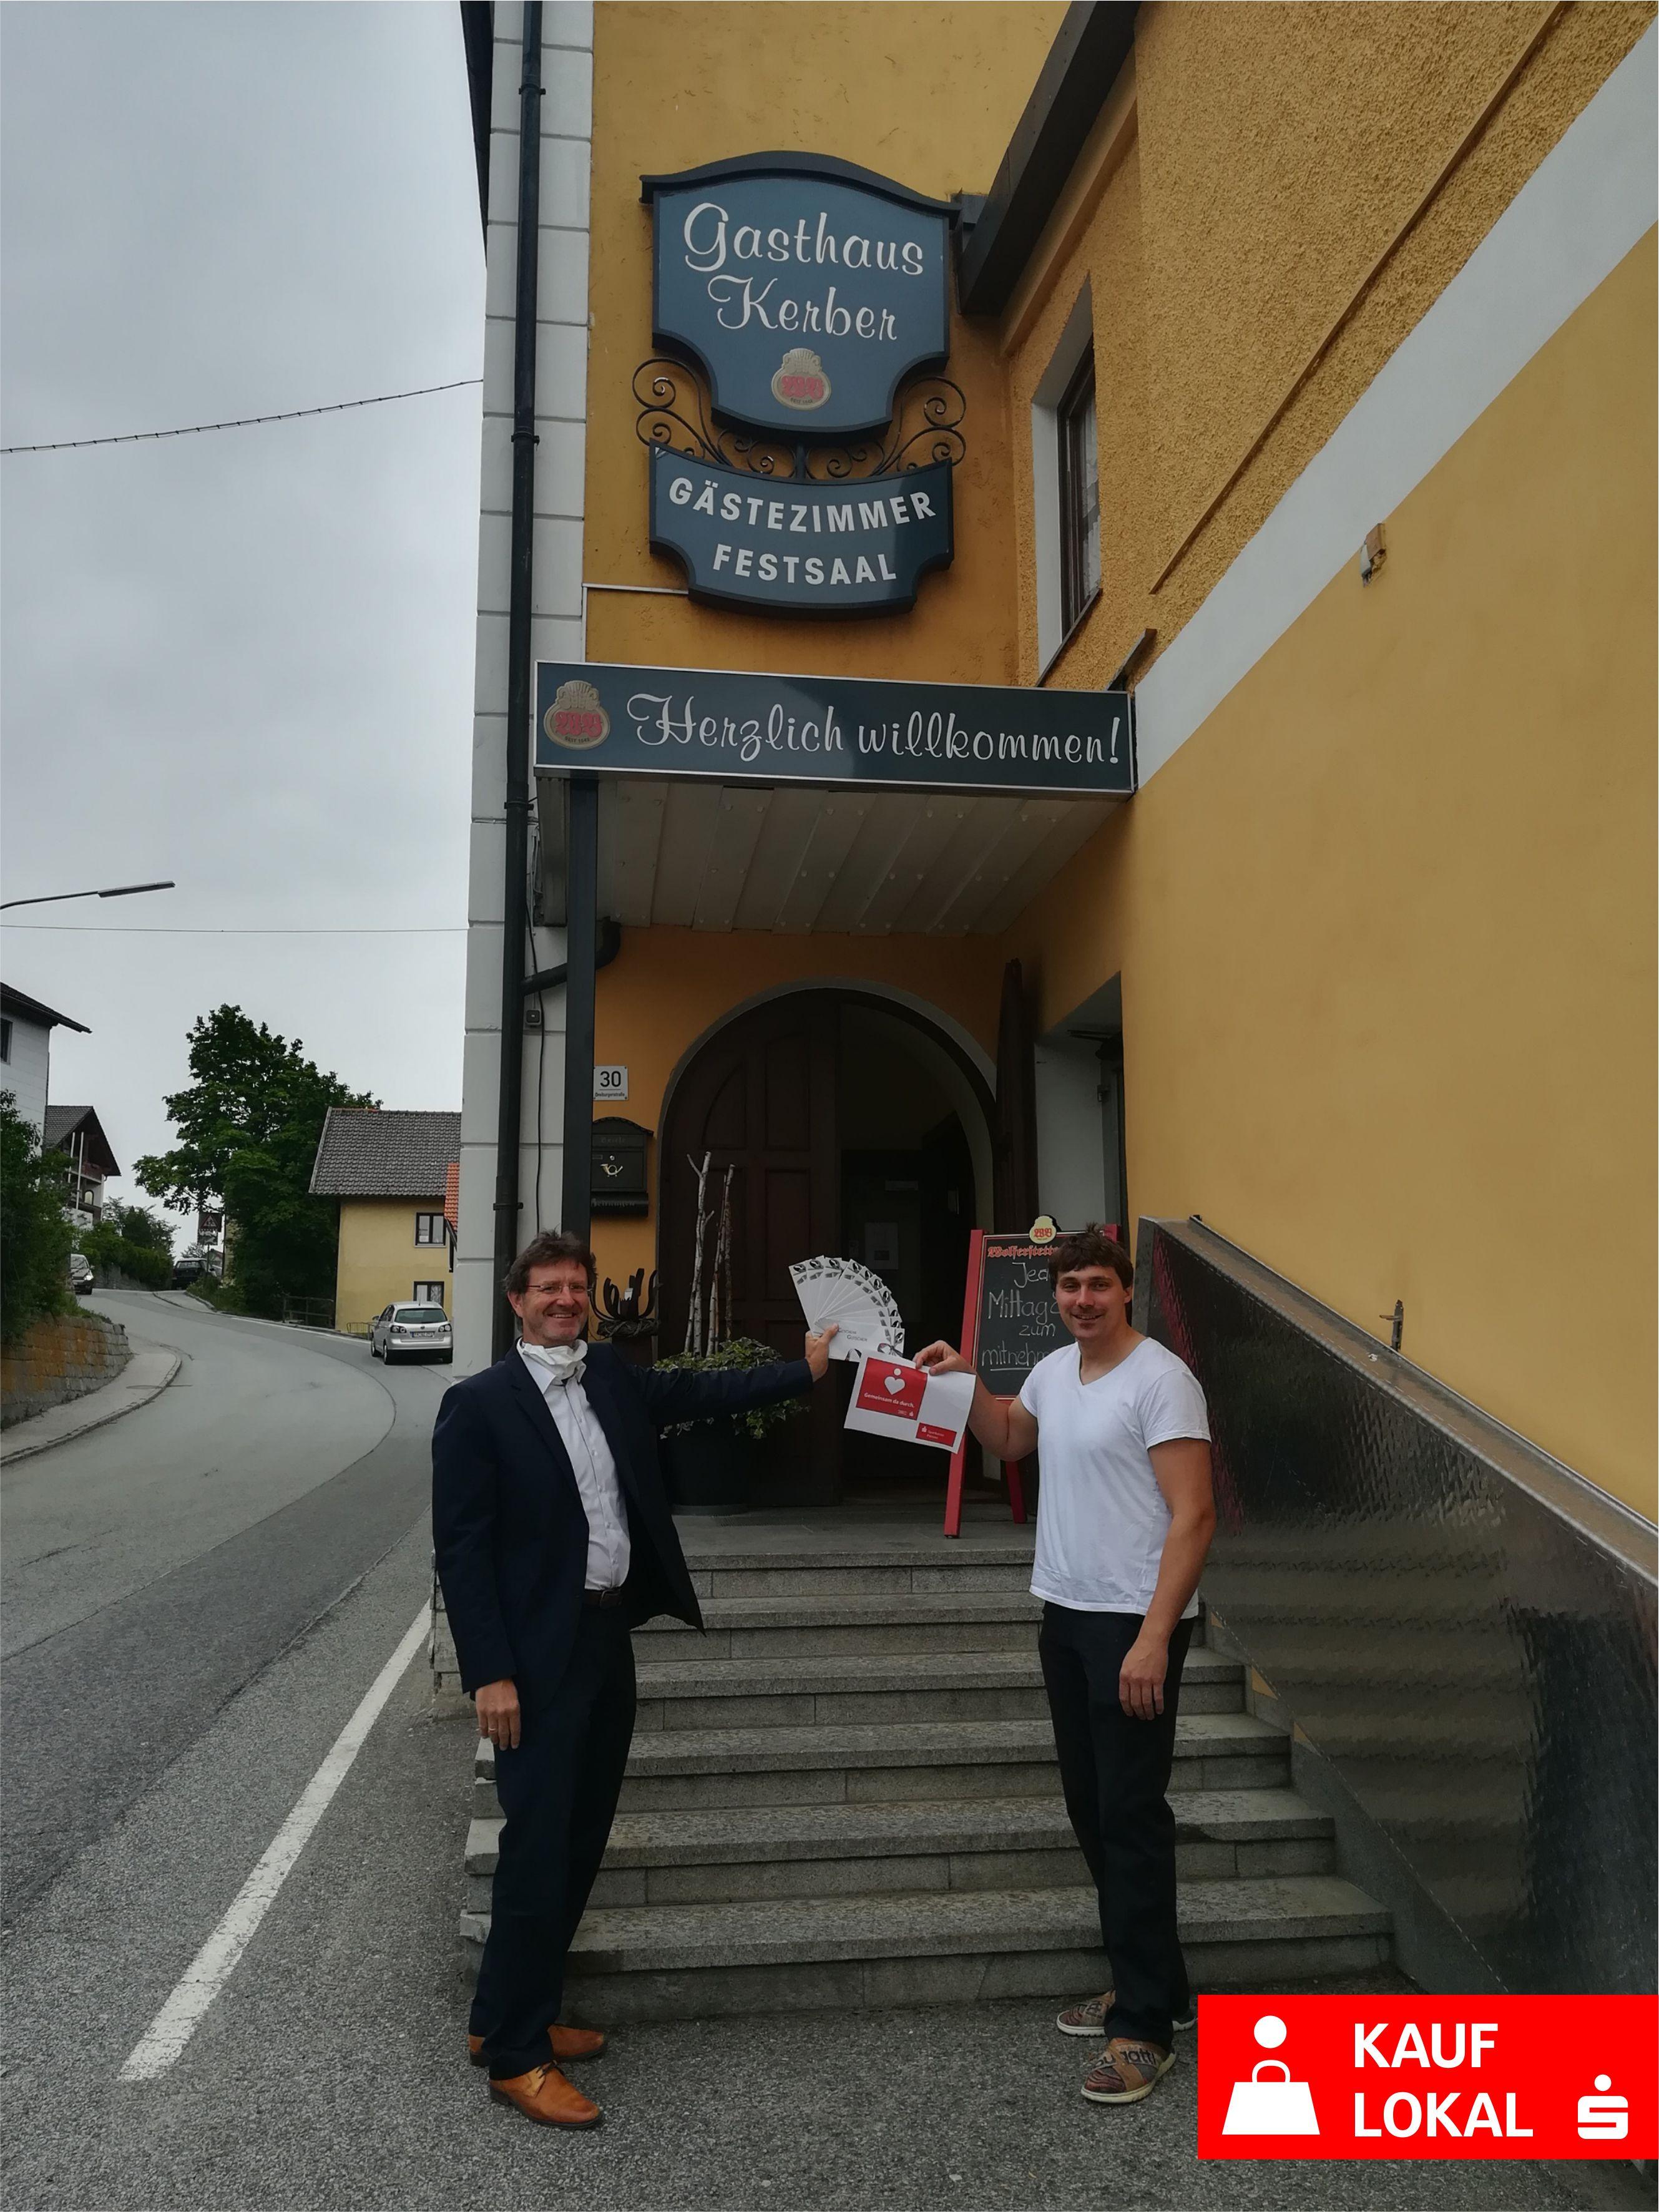 Gasthaus-Kerber-GS-Fürstenstein_Kauf-lokal